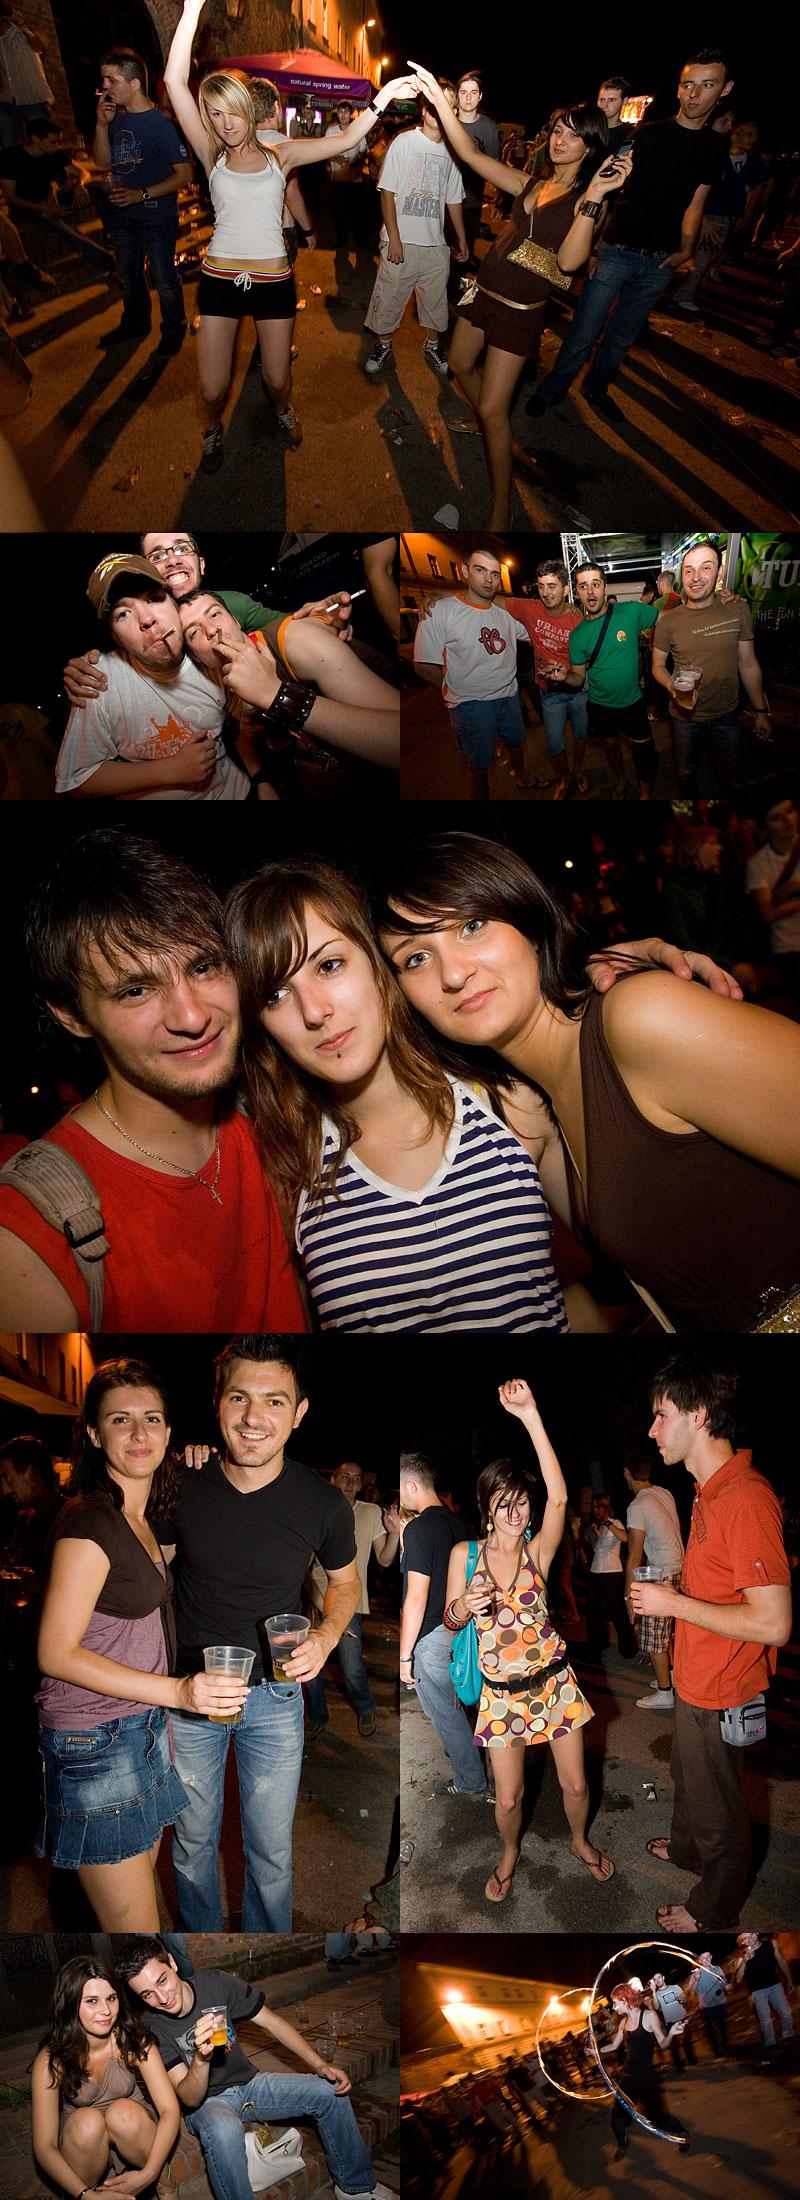 Osječko ljeto mladih - Party (kolaž)  Ovako je bilo u petak.  Foto: steam  Ključne riječi: OLJM party